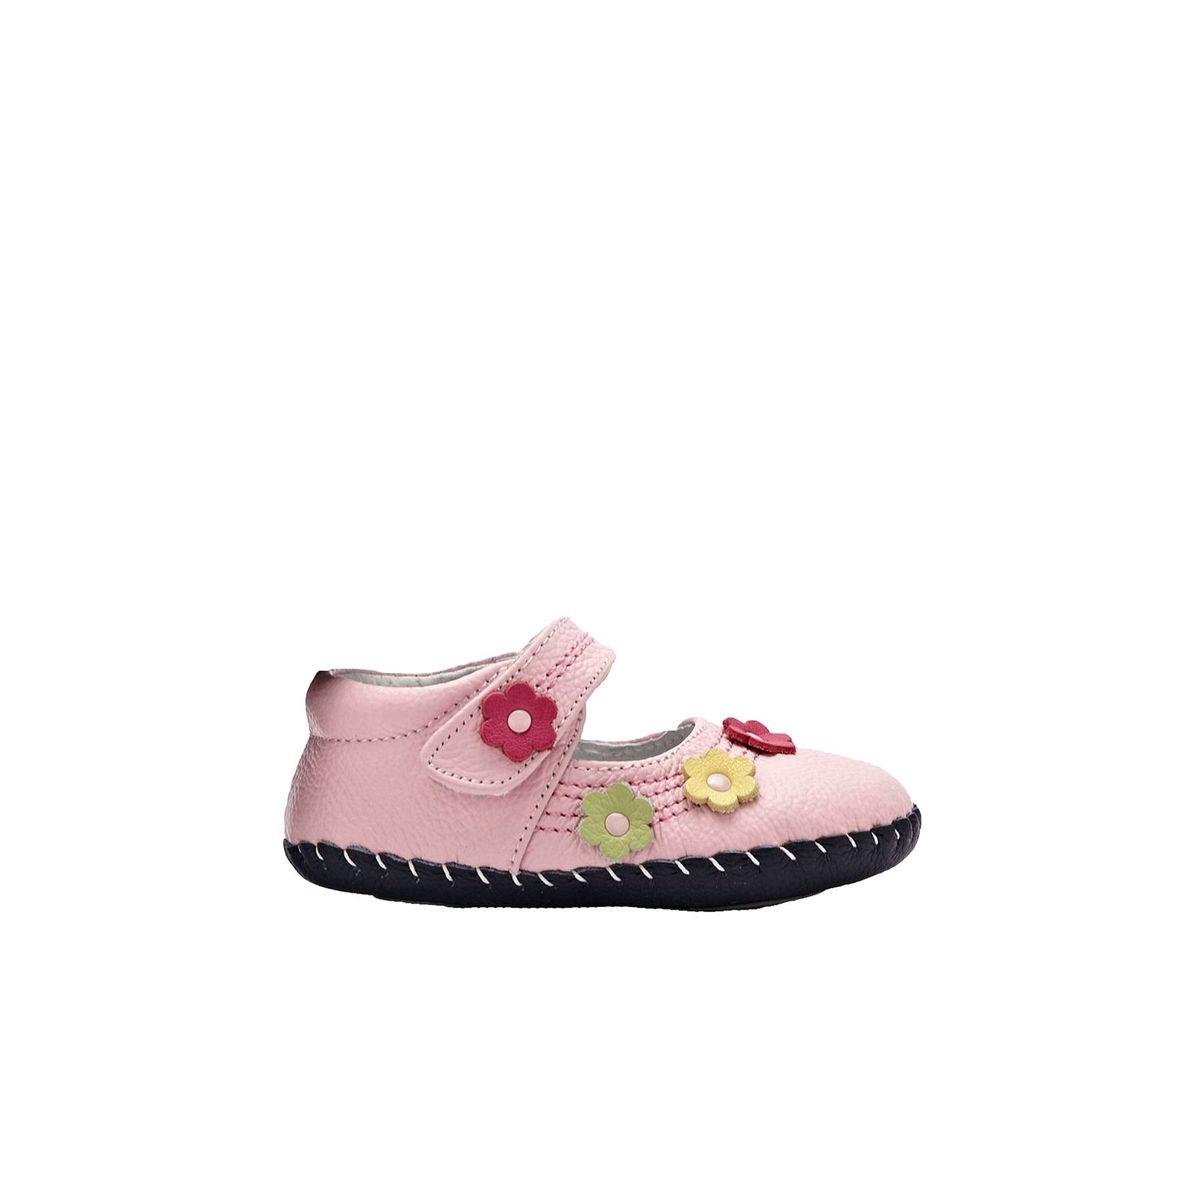 Chaussures premiers pas cuir souple Babies petites fleurs